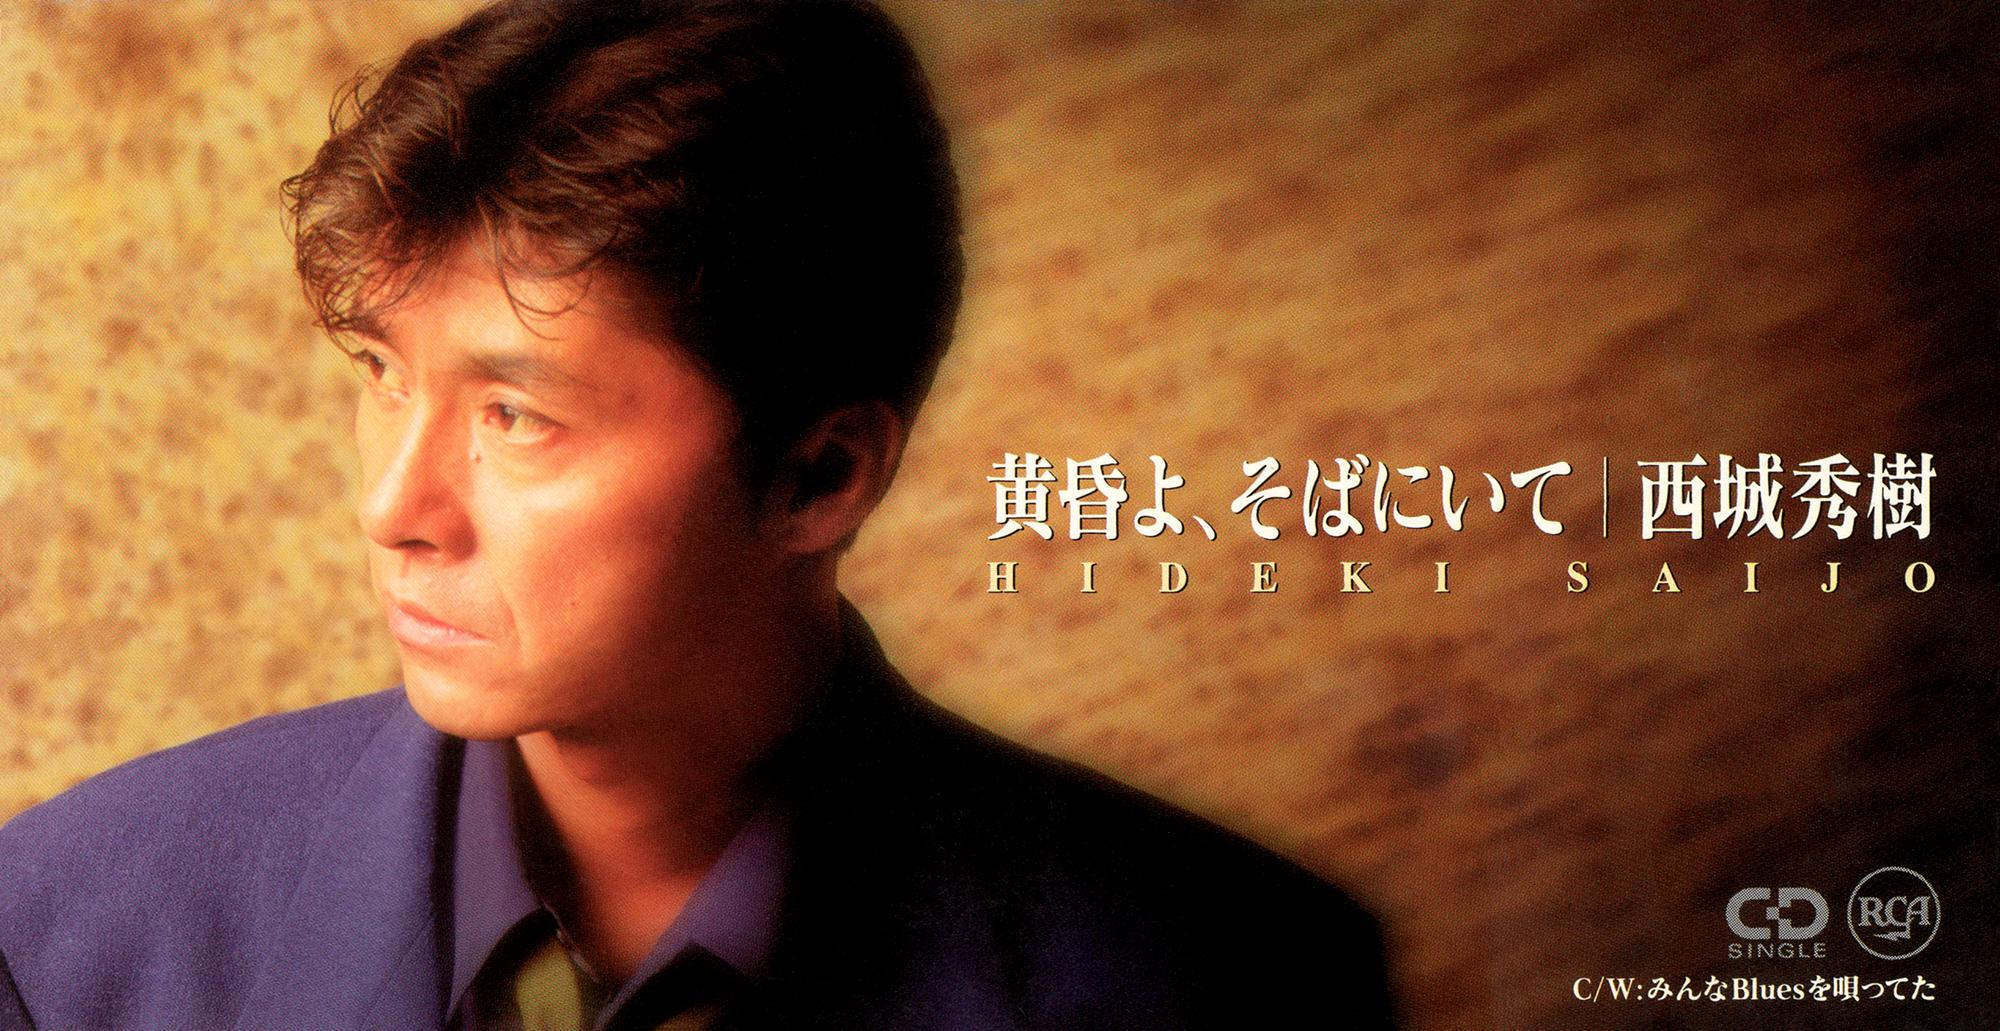 西城秀樹 71stシングル『黄昏よ、そばにいて』(1995年1月21日発売) 高画質CDジャケット画像